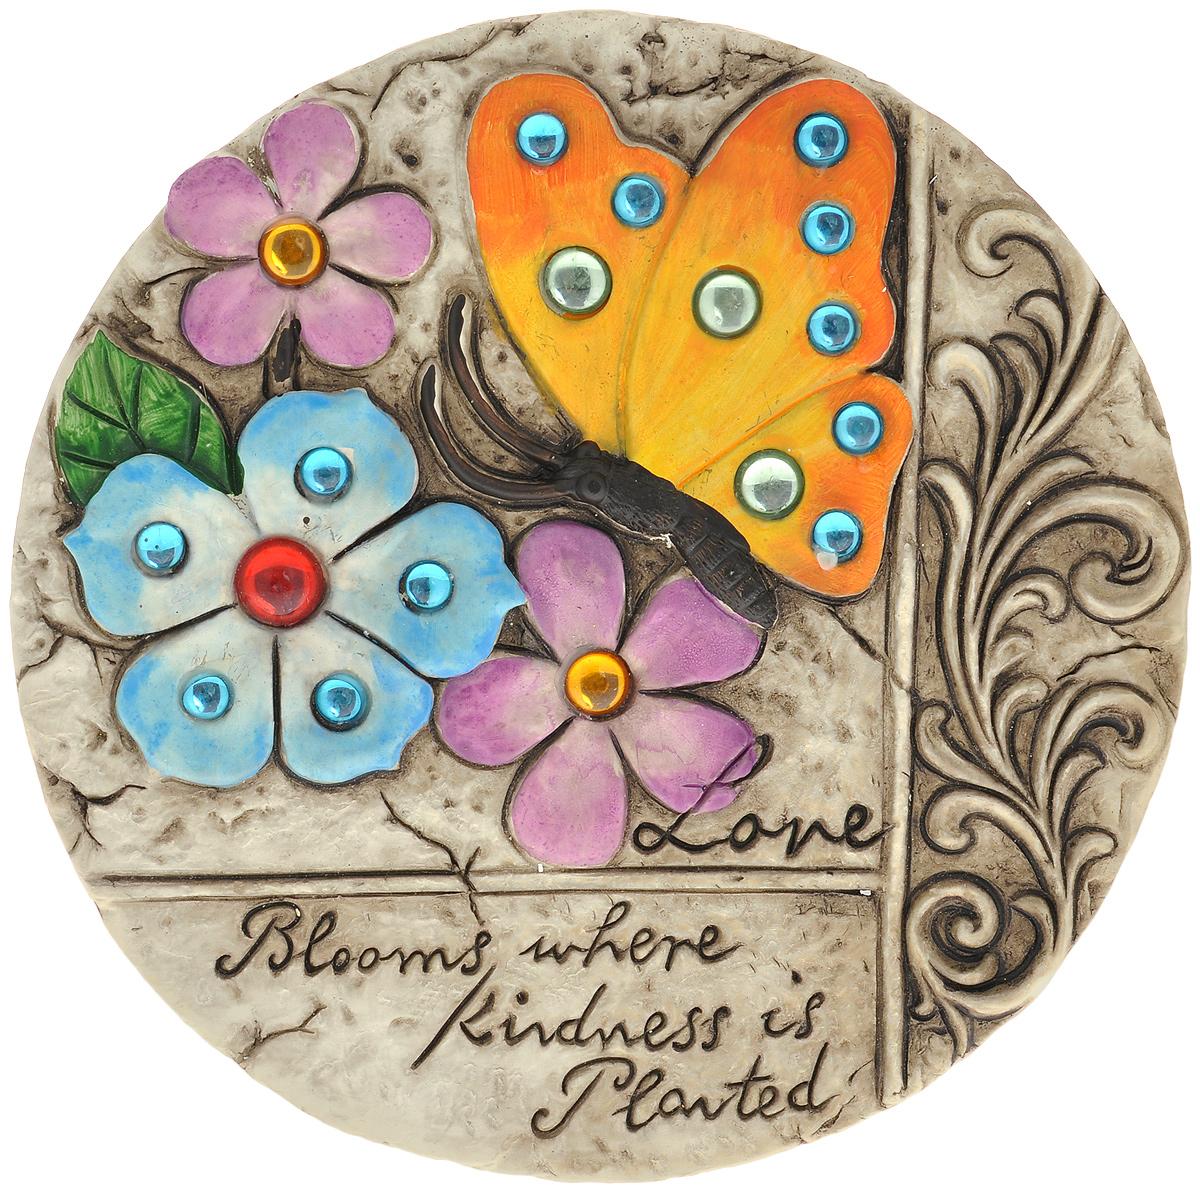 Декоративная фигурка Бабочка, диаметр 25 см. 2832628326Декоративная фигурка Бабочка прекрасно подойдет для украшения интерьера дома. Изделие выполнено из цемента и имеет шероховатую поверхность. Фигурка украшена рельефом в виде бабочки и цветов, декорированных разноцветными бусинами, рельефными узорами и высеченной надписью Love blooms where kindness is planted. Изящная фигурка станет прекрасным подарком, который обязательно порадует получателя.